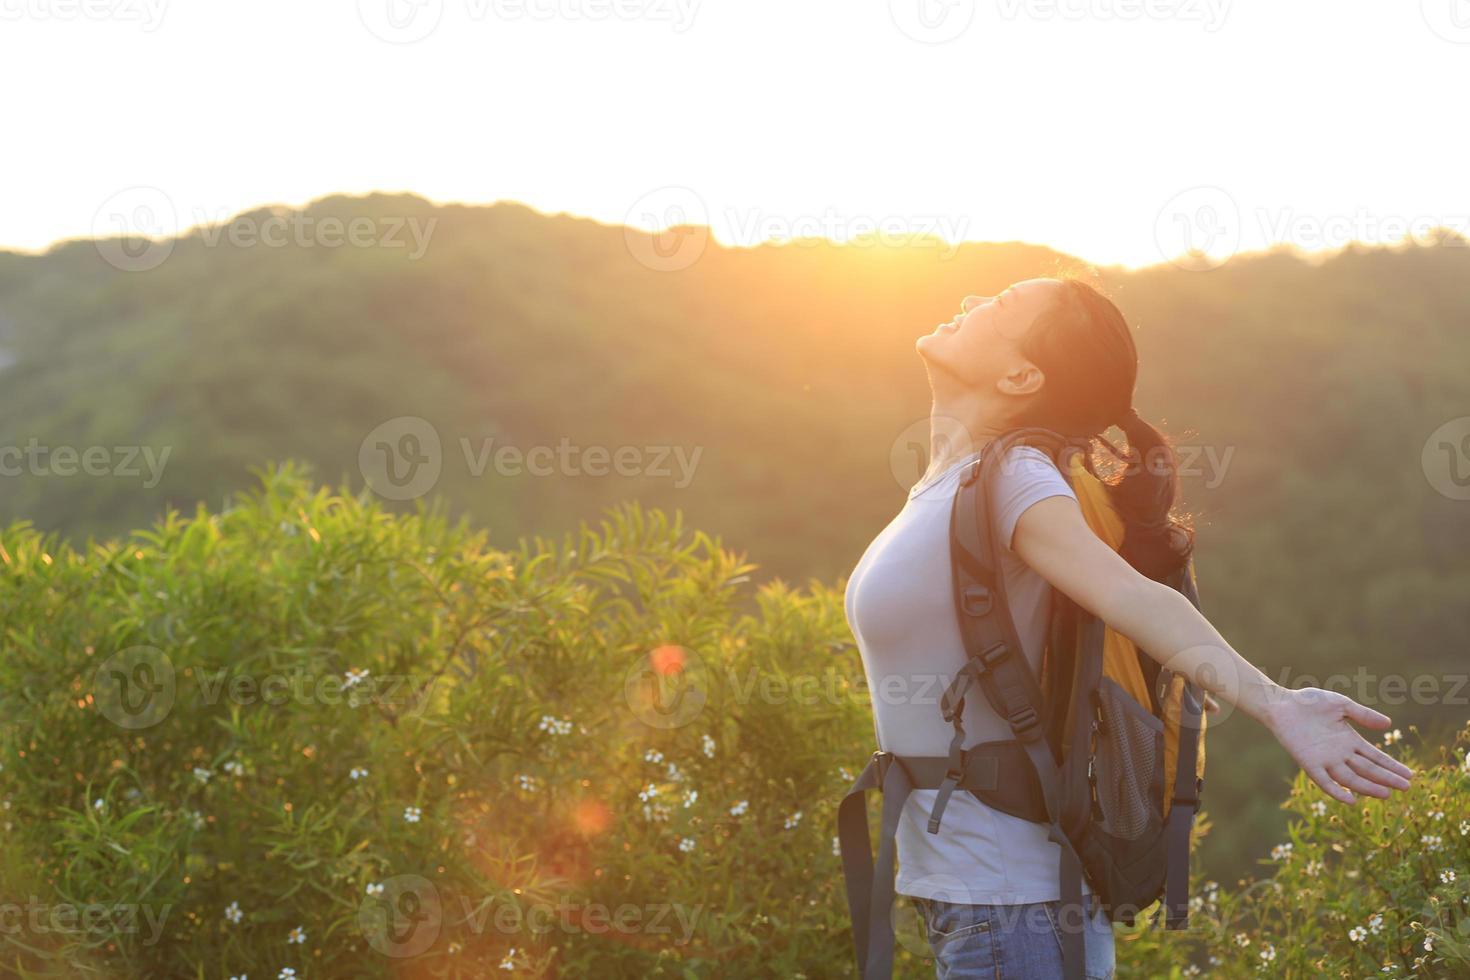 juichende vrouw wandelaar open armen met zonsopgang foto